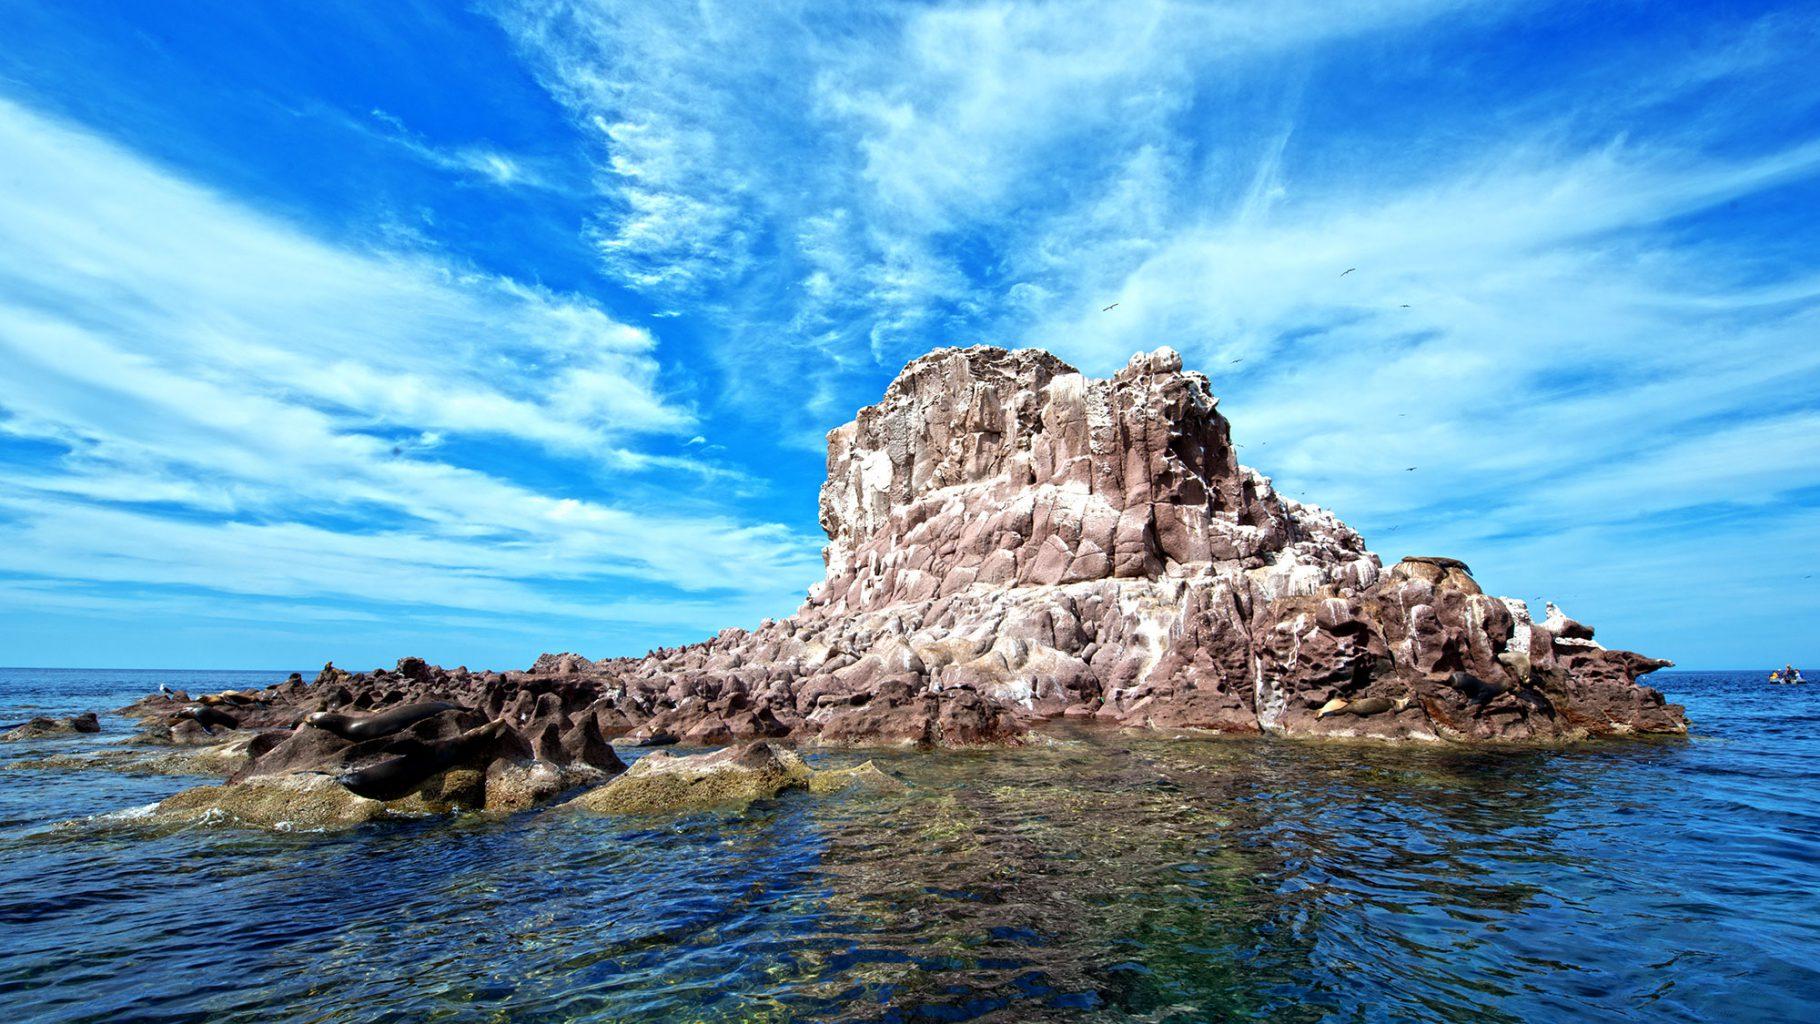 Los Islotes, Sea of Cortez, Mexico